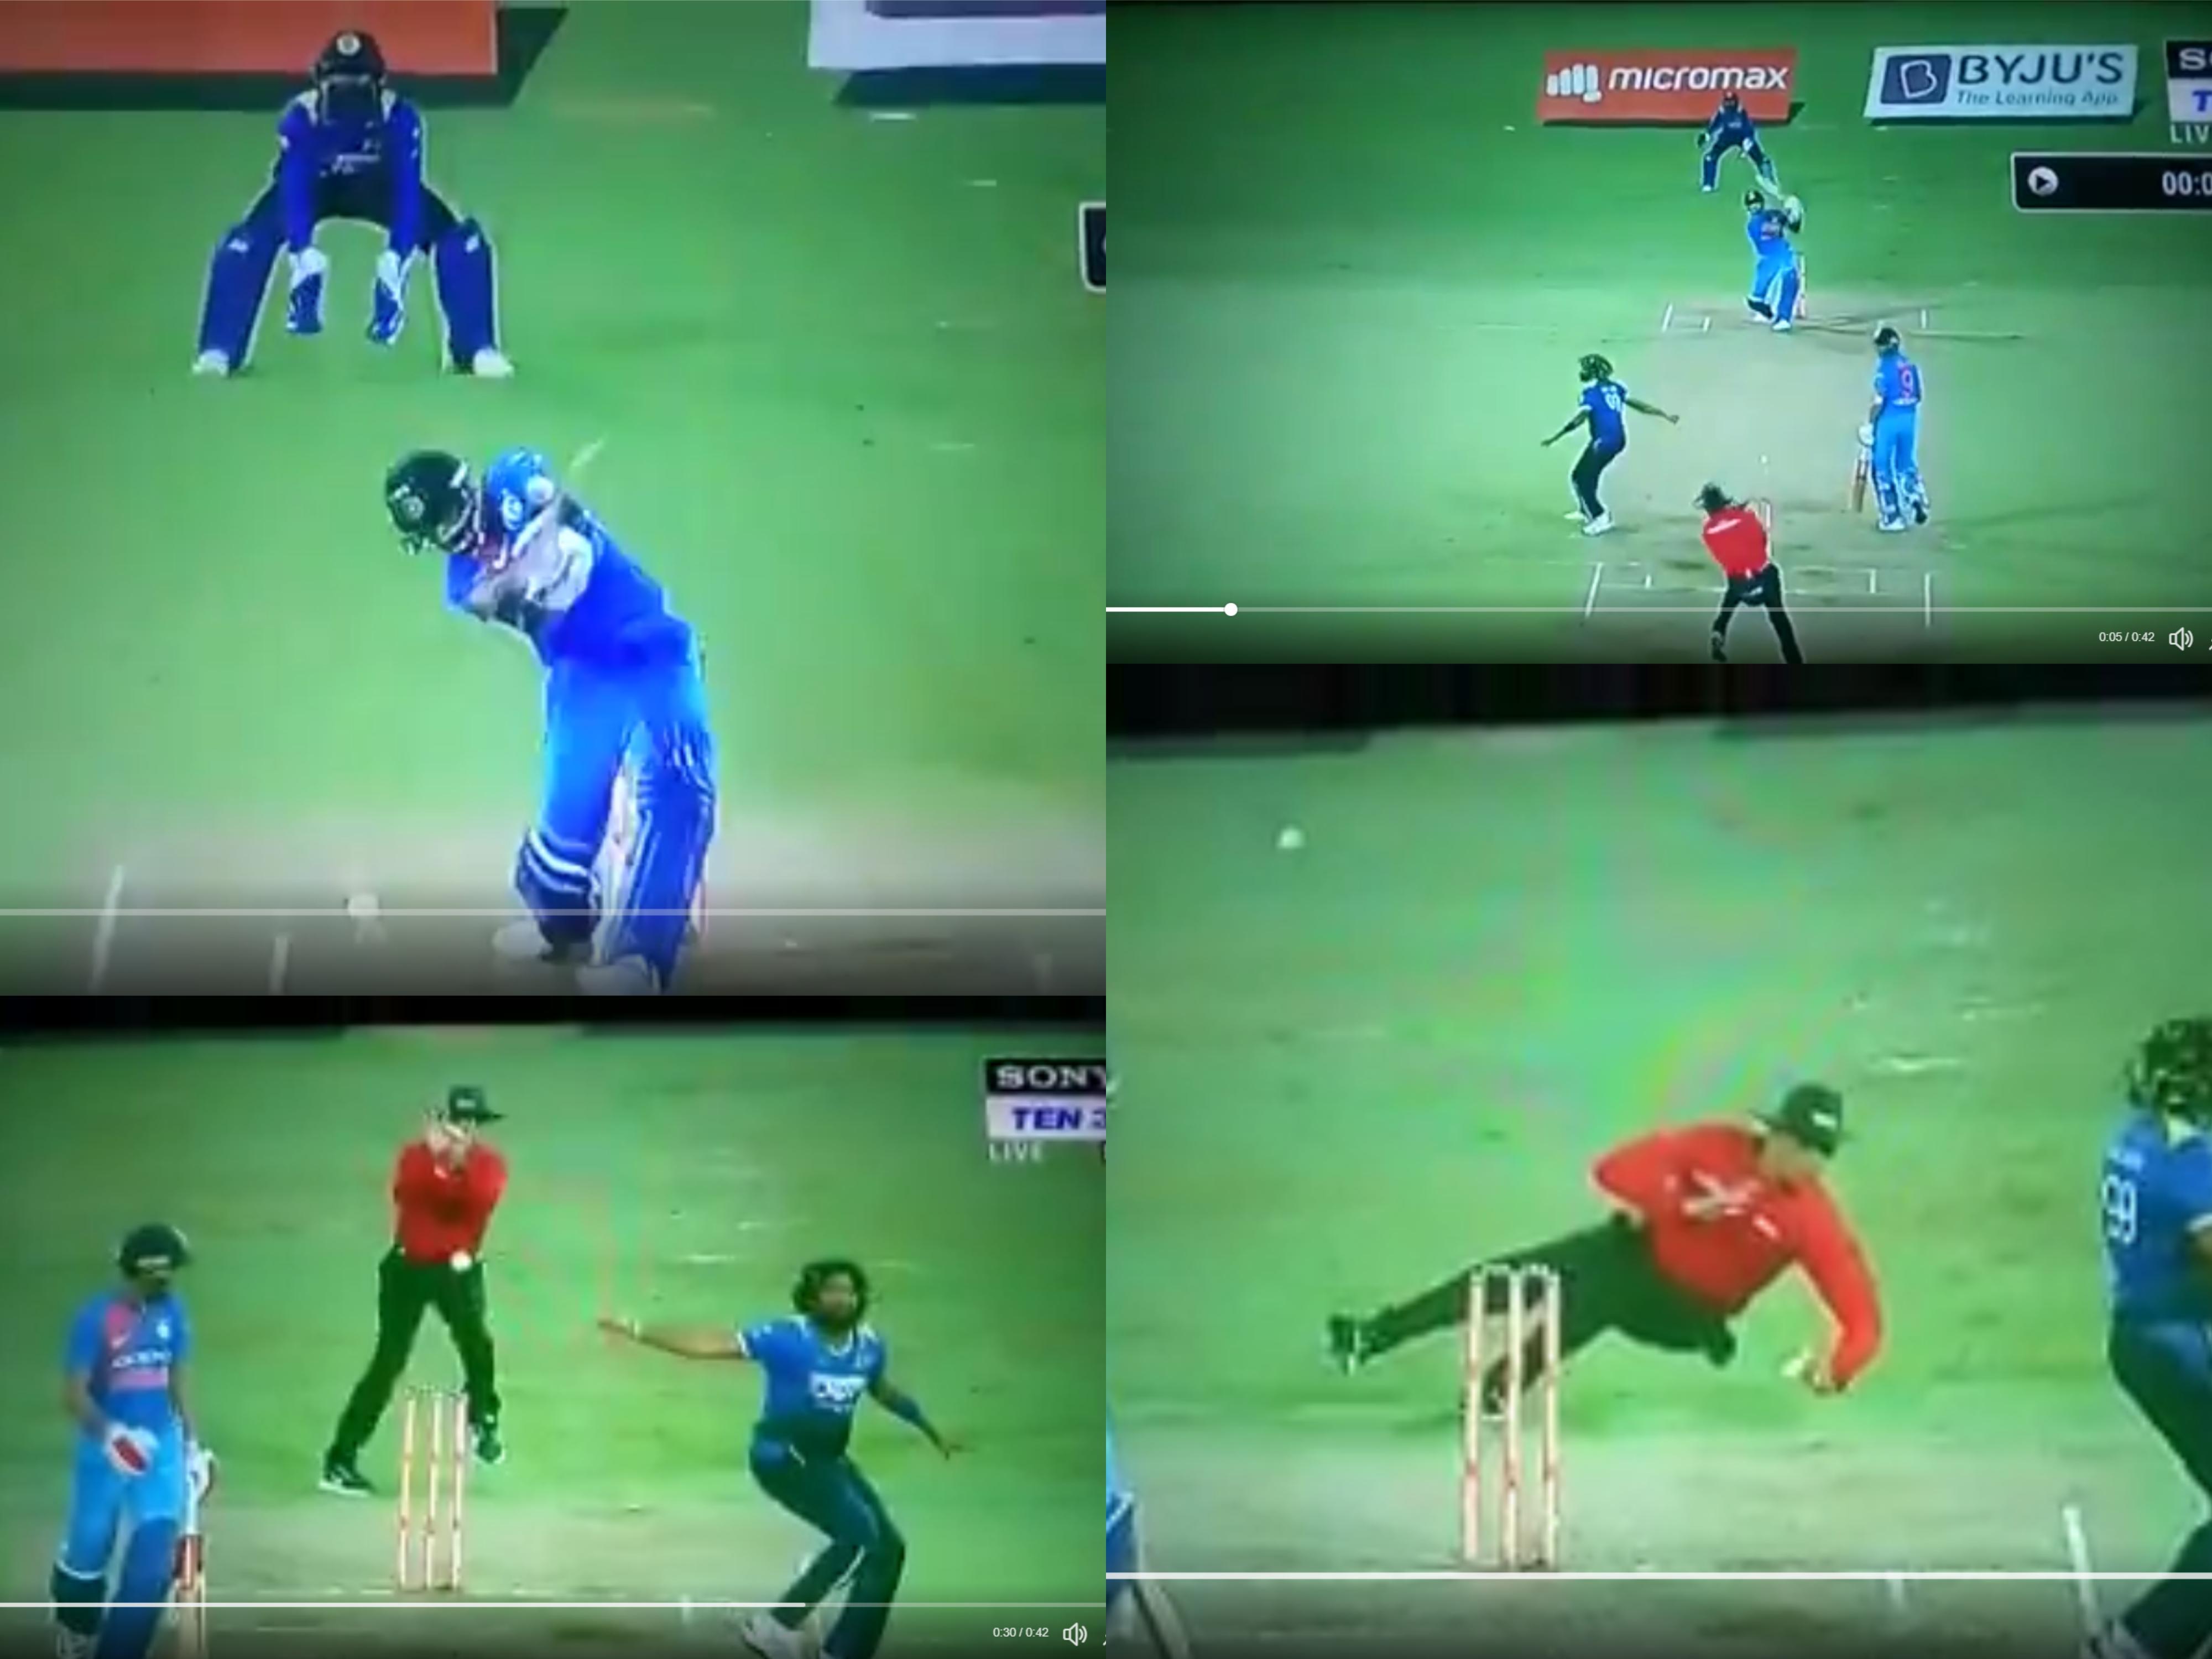 वीडियो: 16.5 ओवर में भारतीय पारी के दौरान होने से बाल-बाल बचा दर्दनाक हादसा, जा सकती थी अम्पायर की जान 19